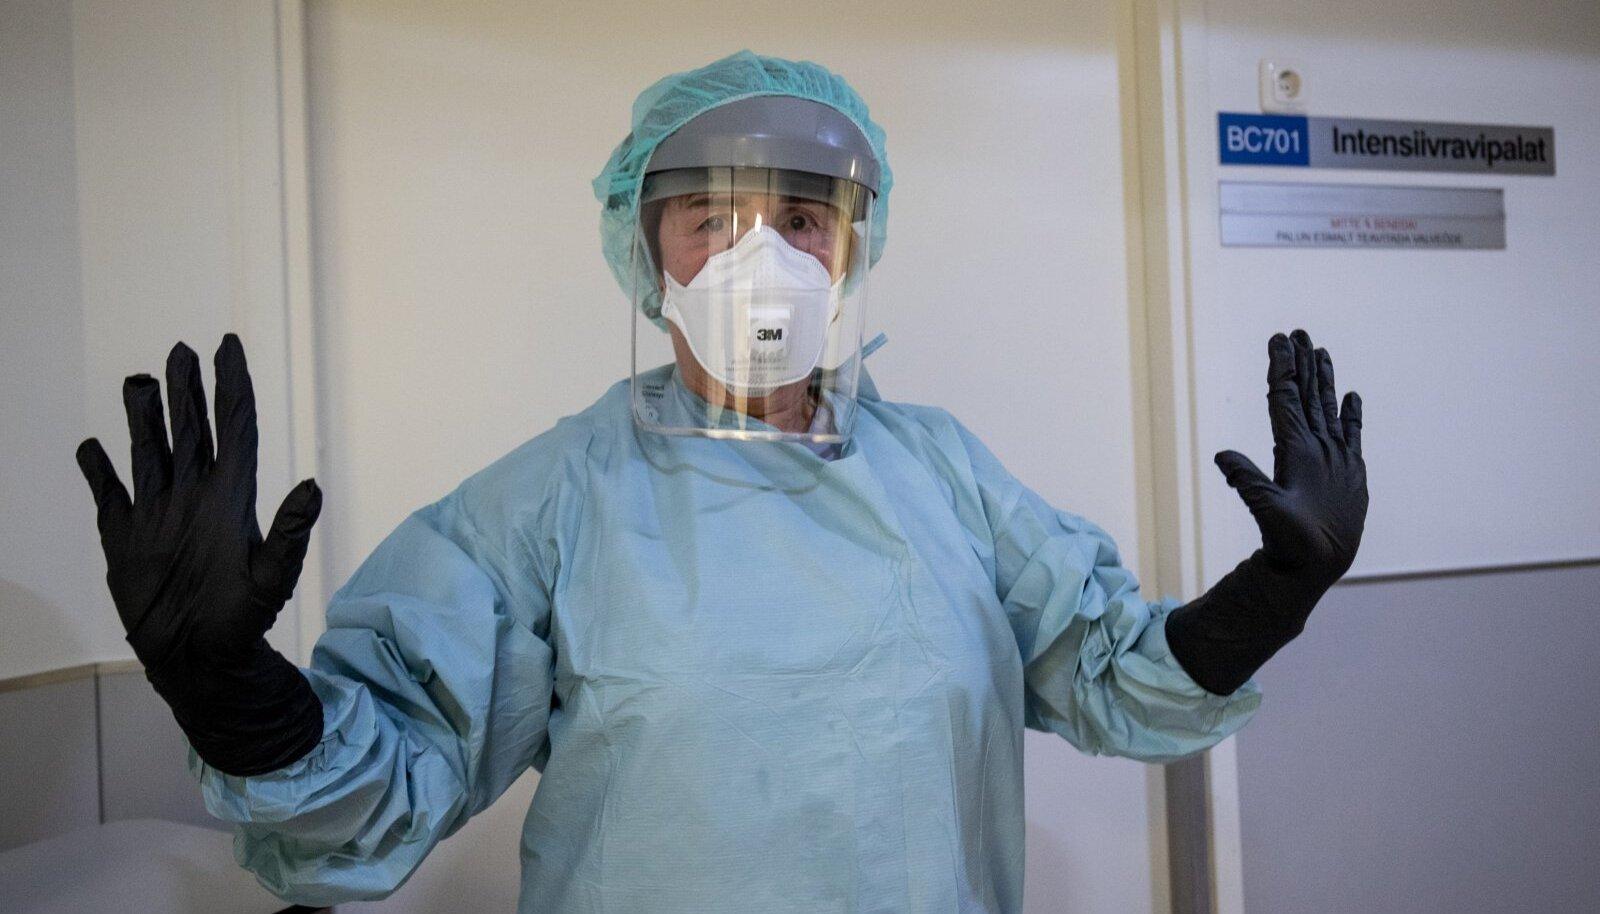 Õde Tamara tõstab ta käed nagu filmitegelane, keda selja tagant püstoliga ähvardatakse.